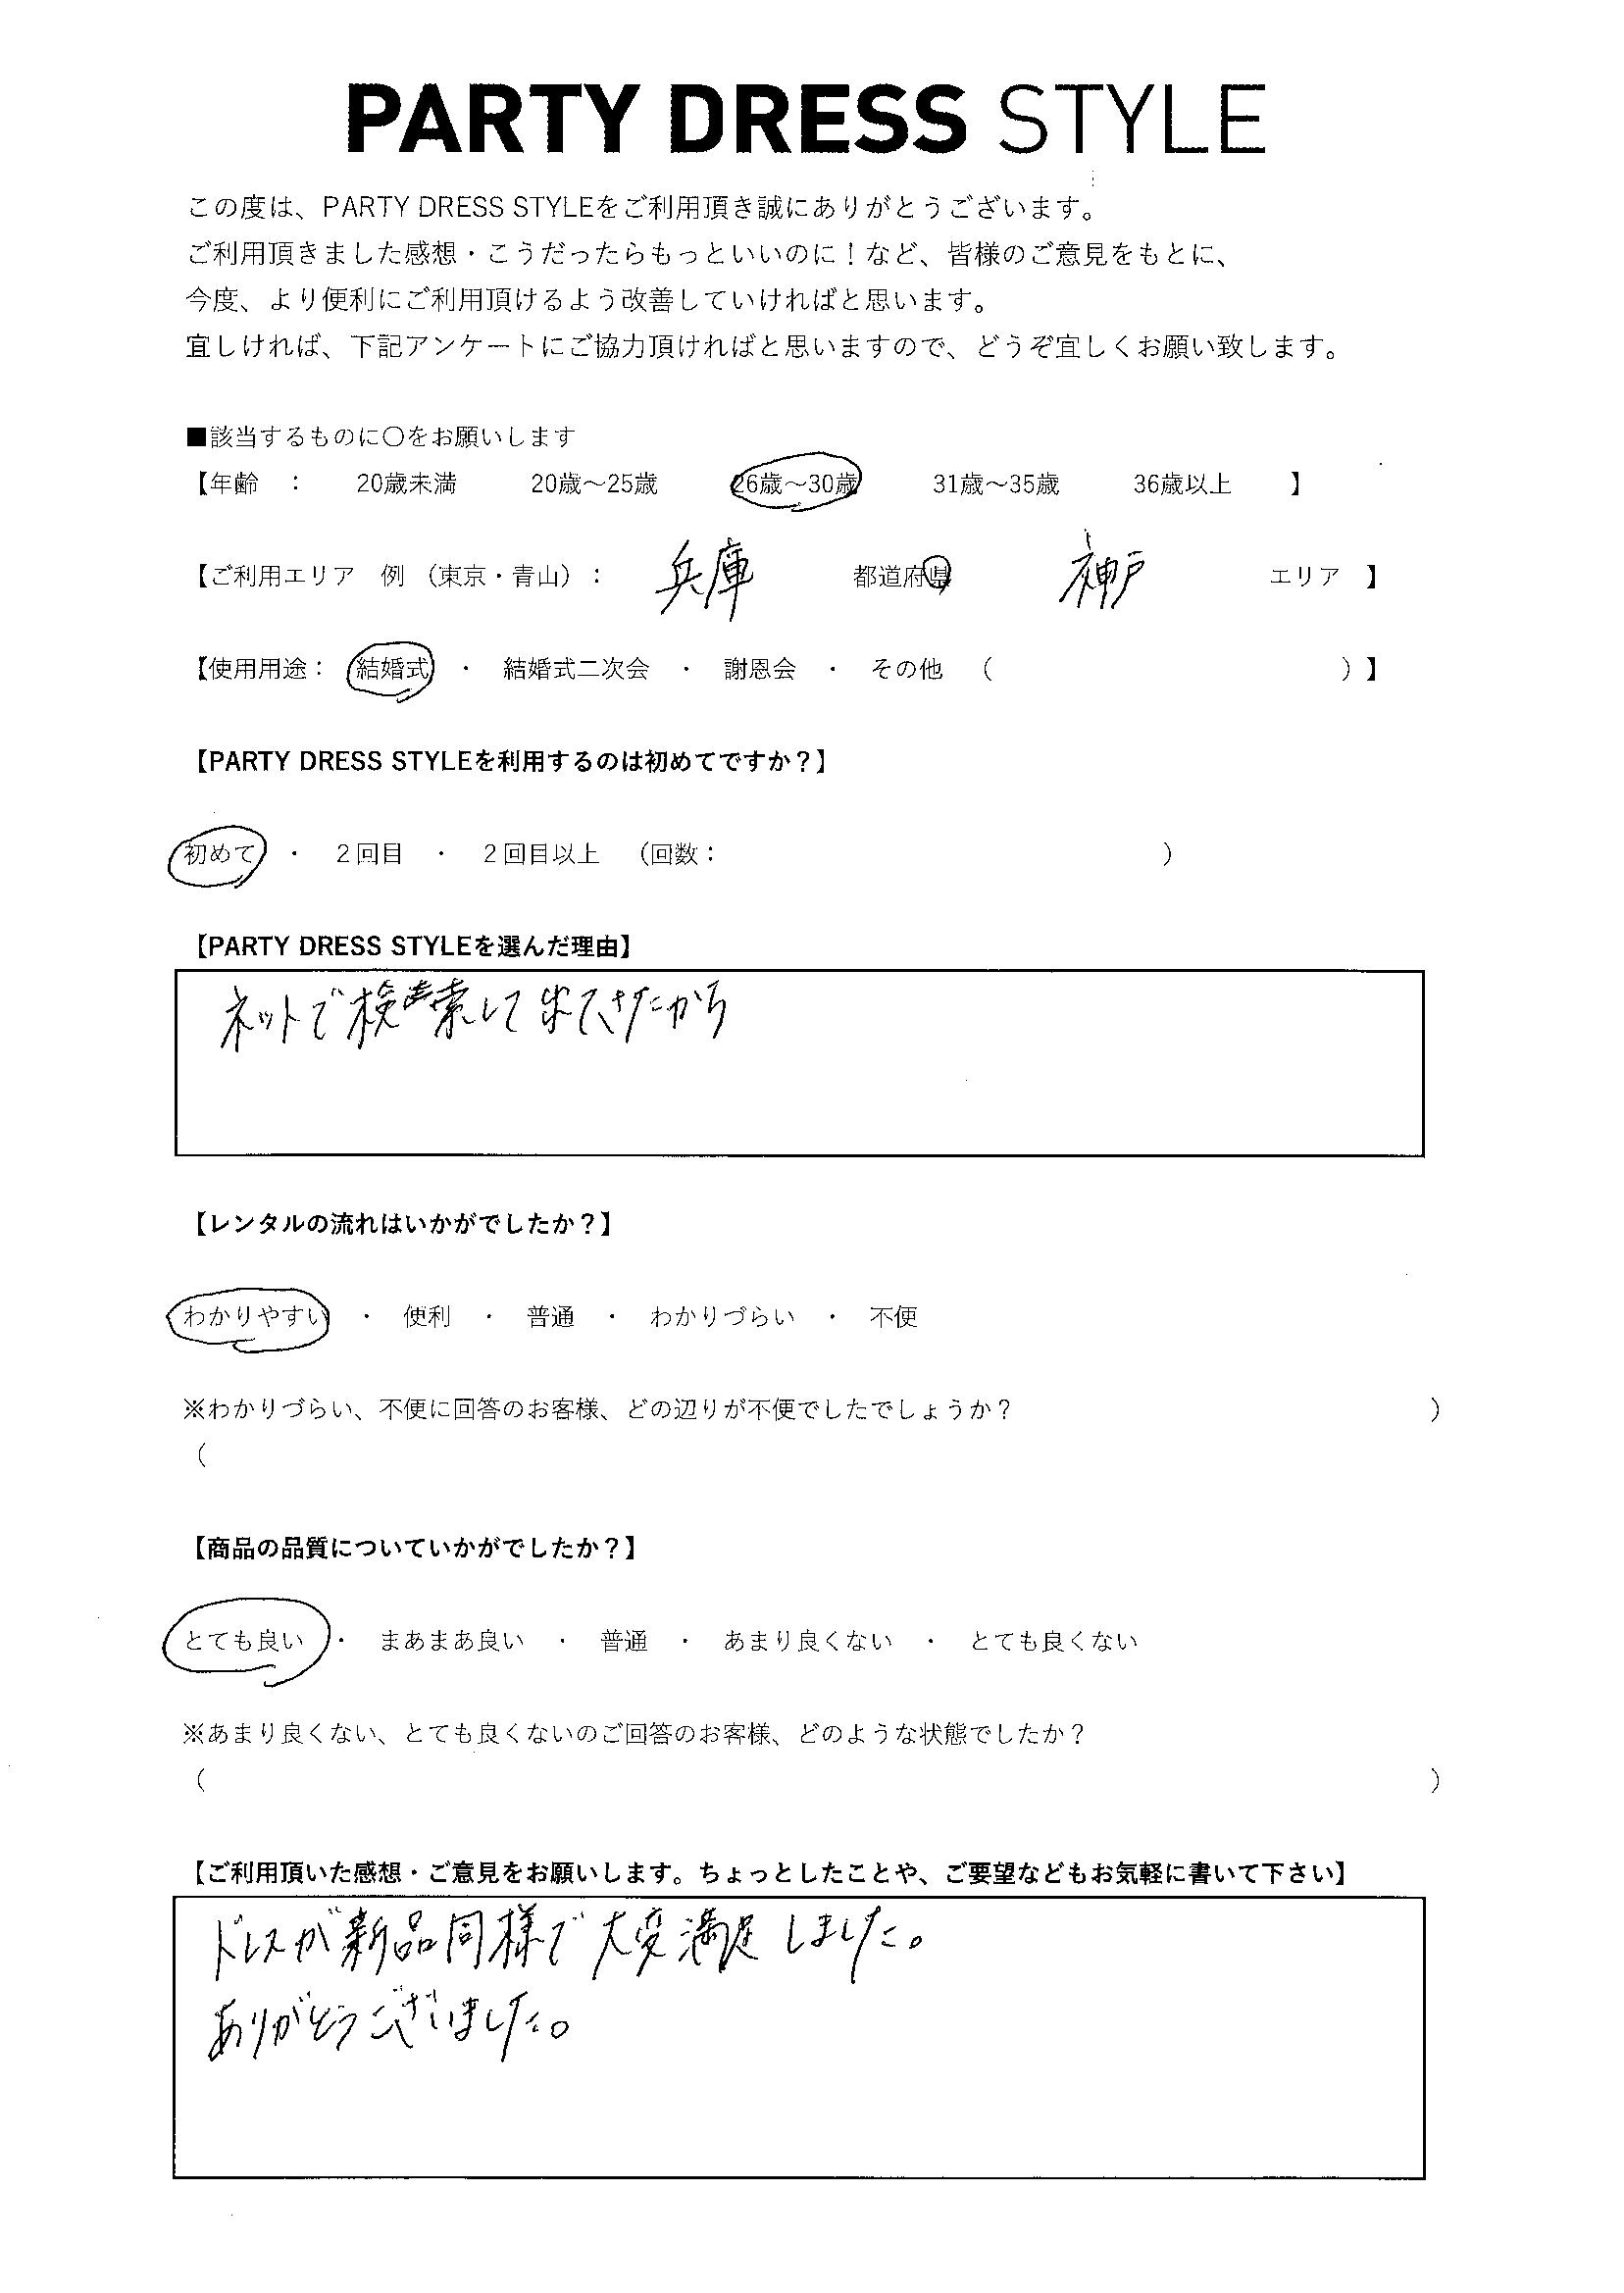 5/8結婚式ご利用 兵庫・神戸エリア